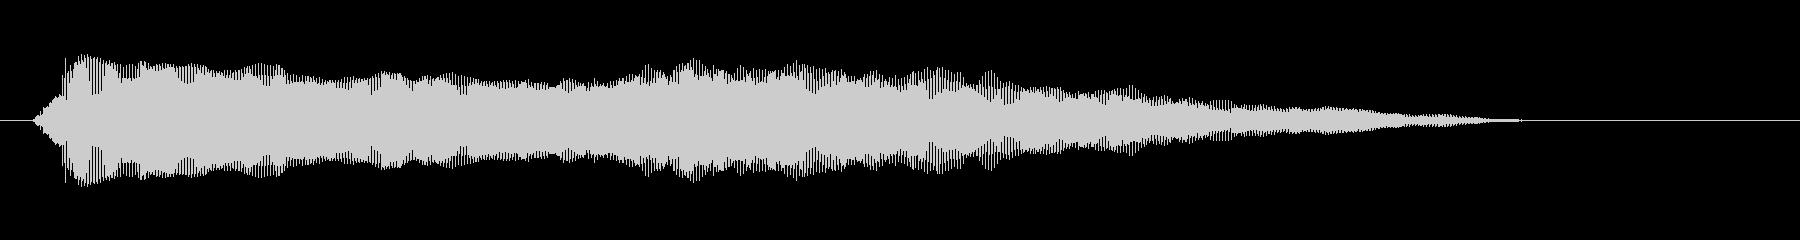 素材 シンセバウンス02の未再生の波形